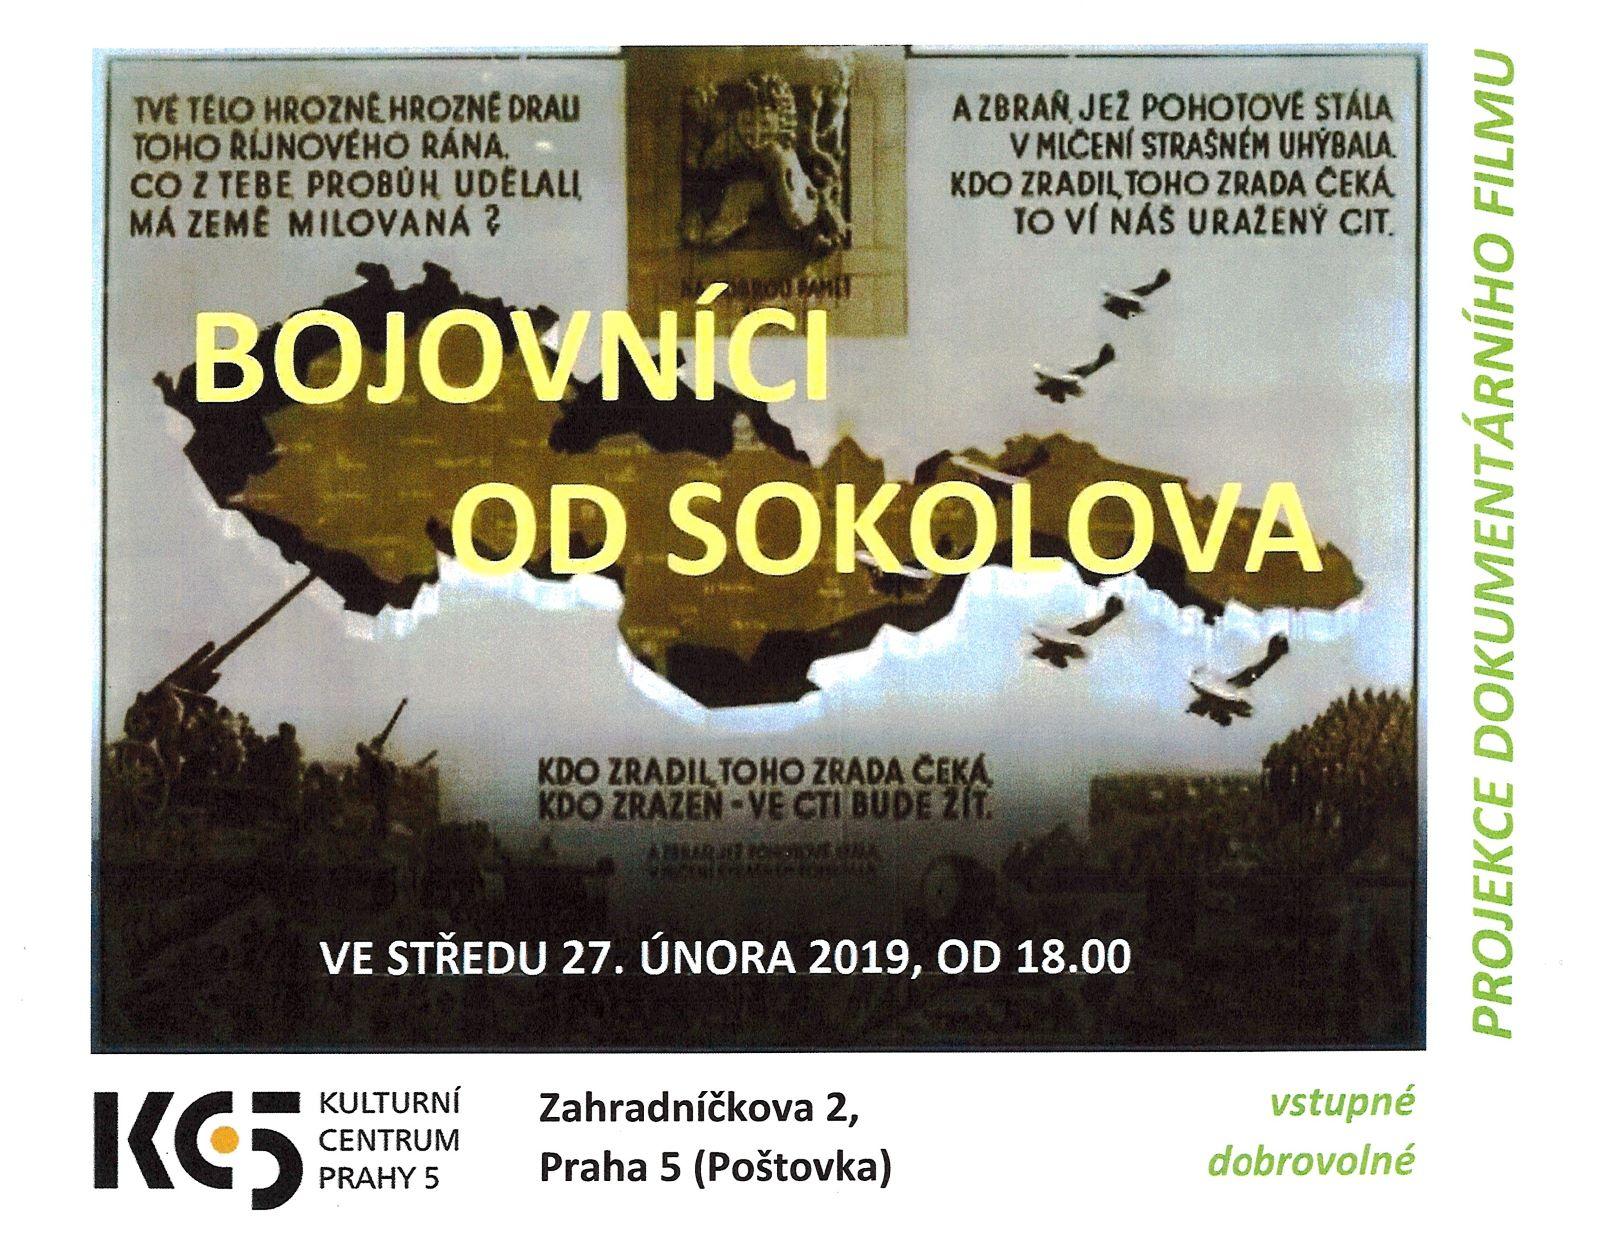 kulturni-centrum-prahy-5-promitne-film-bojovnici-od-sokolova